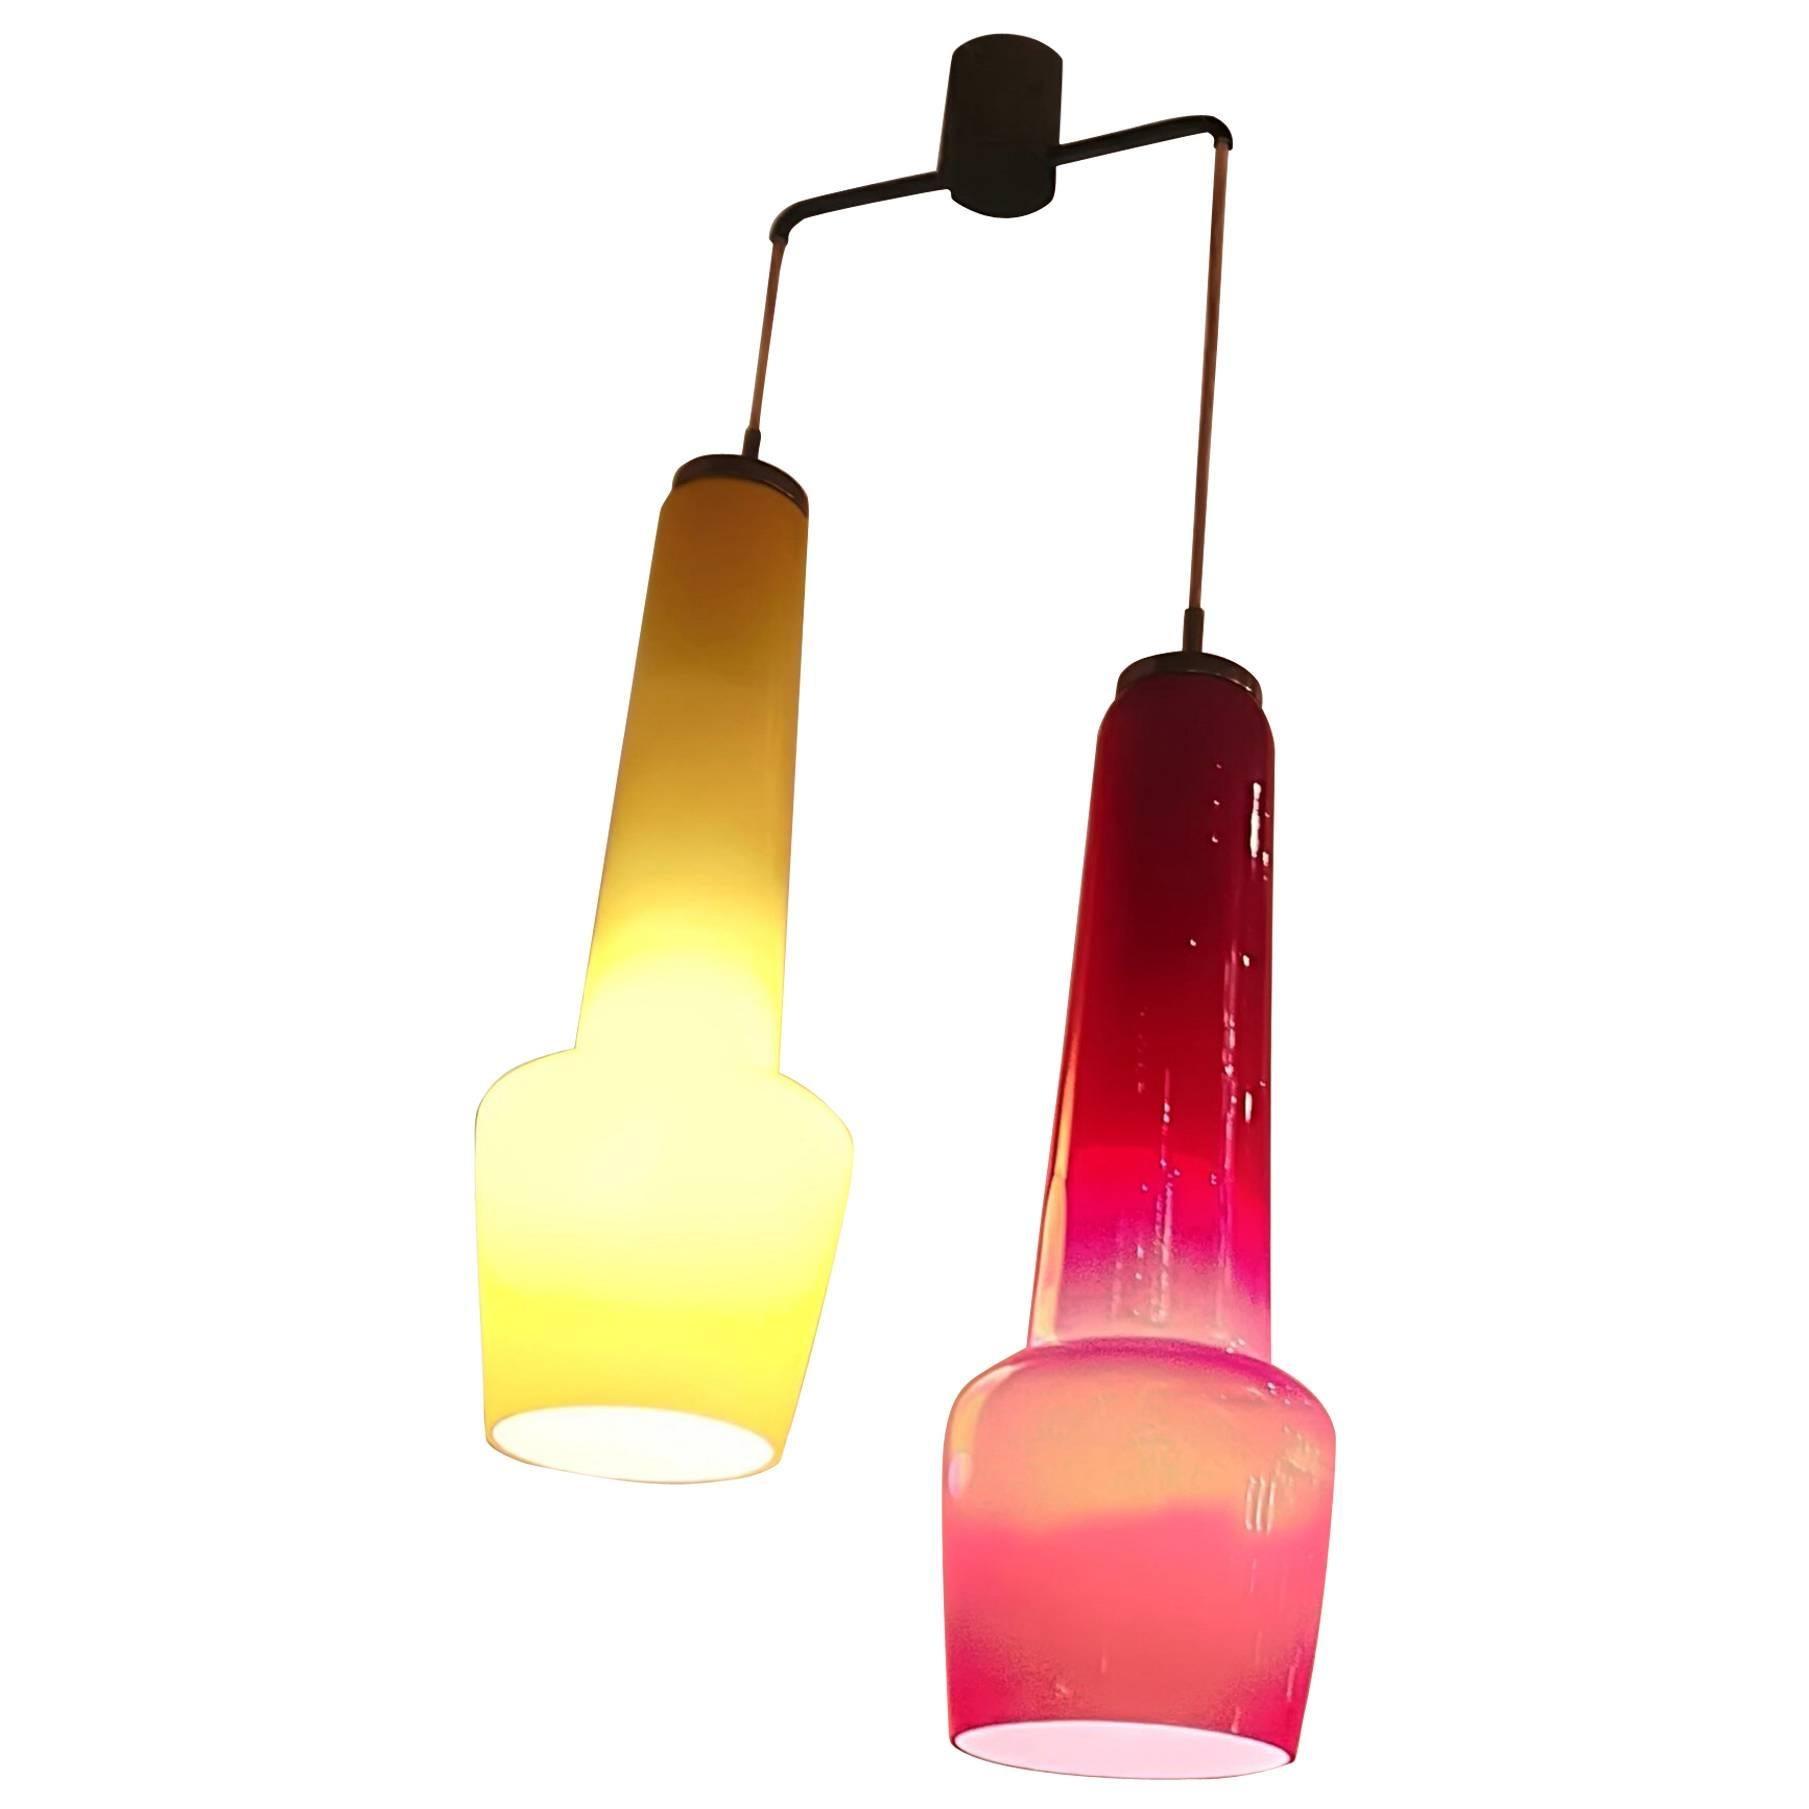 Stilnovo 1950 Chandelier Two-Light